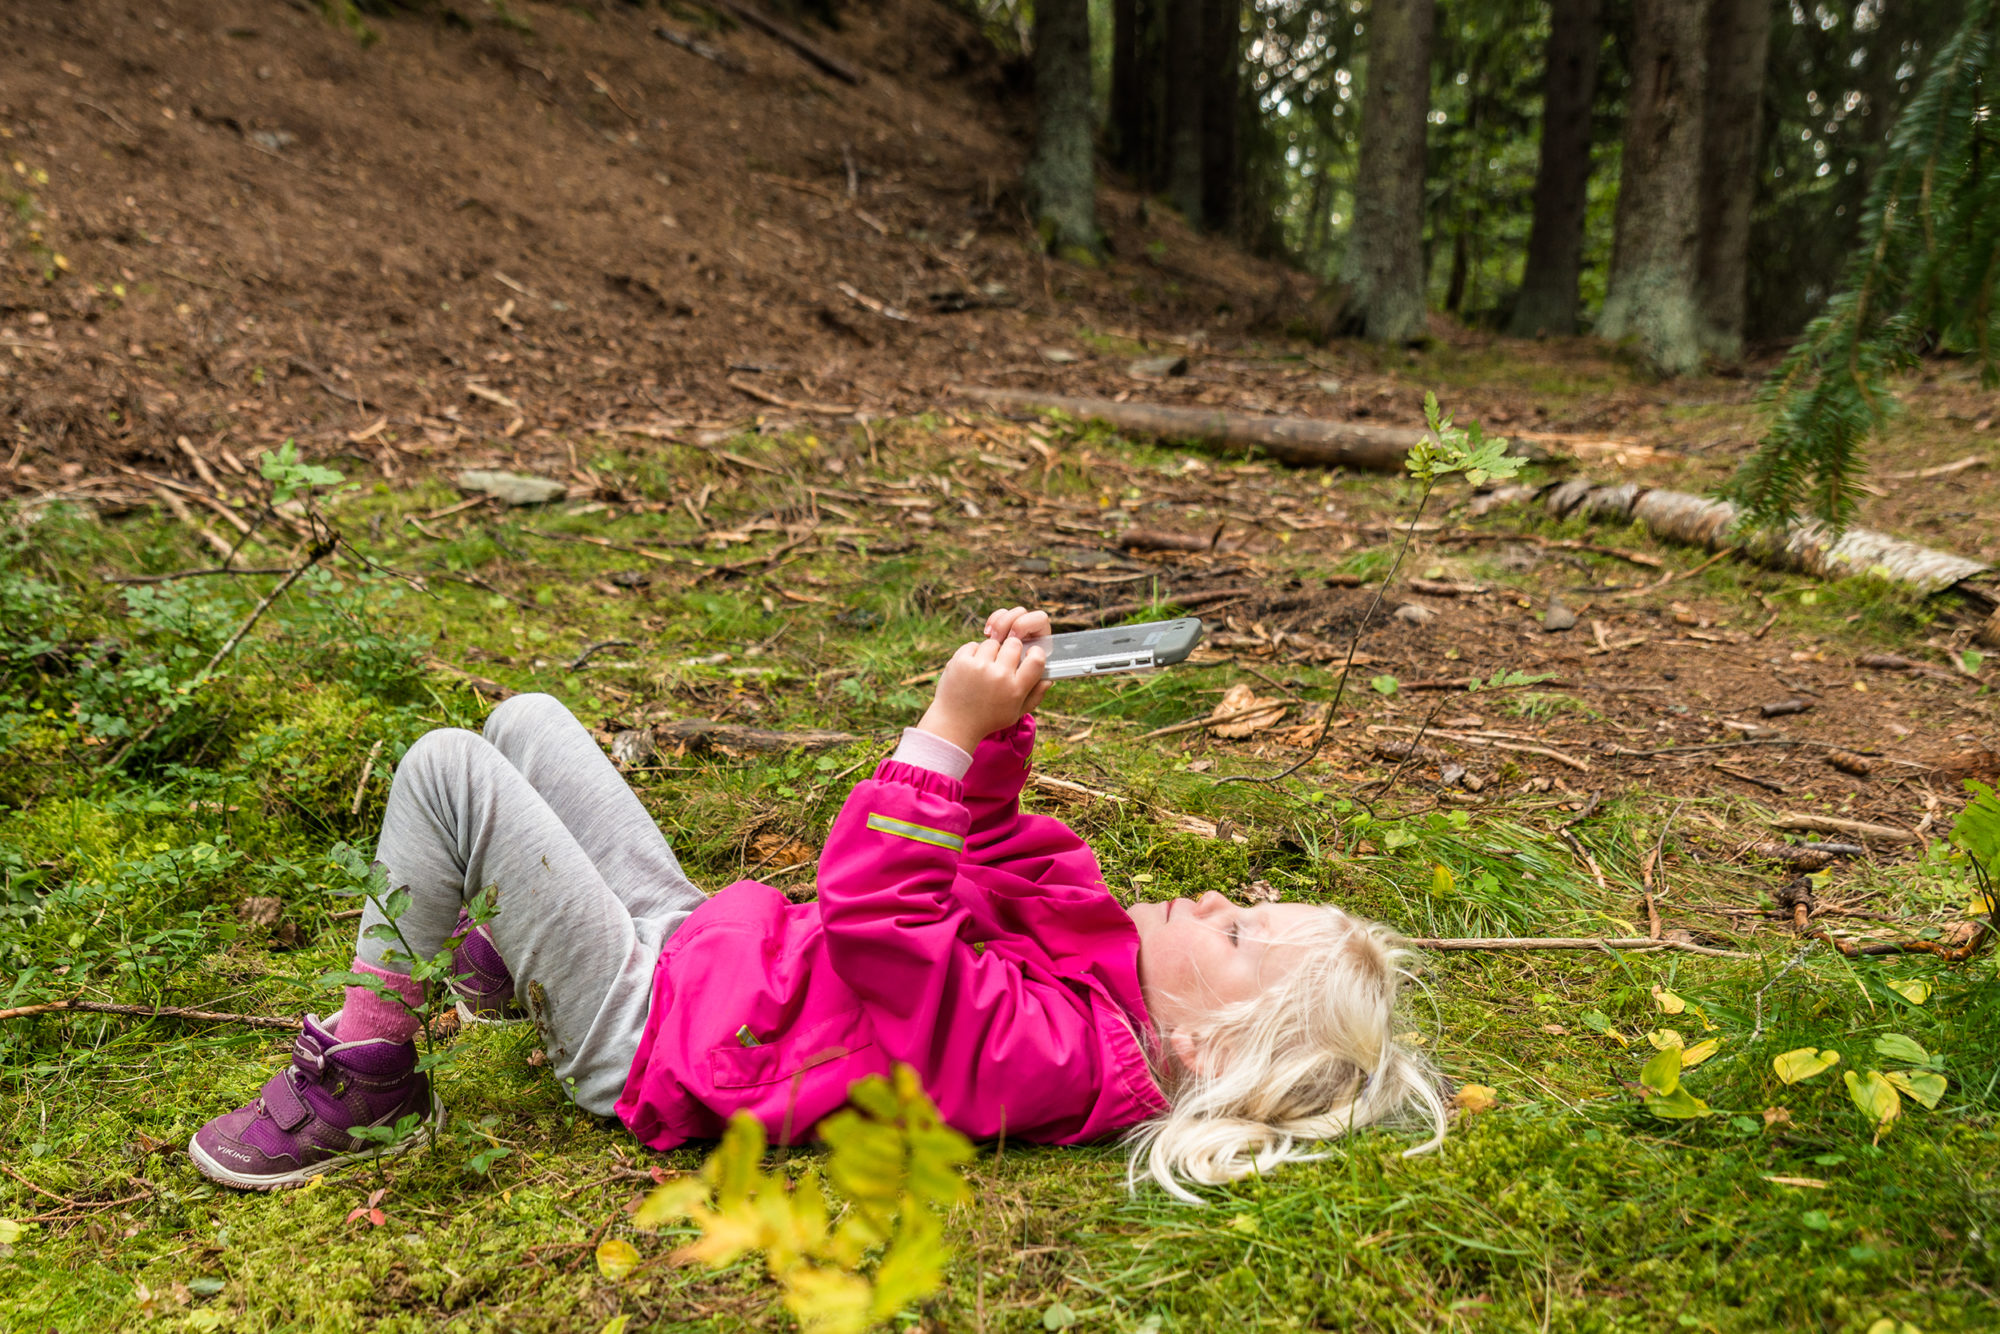 Barnehagebarn ligger i gresset og ser på iPhone